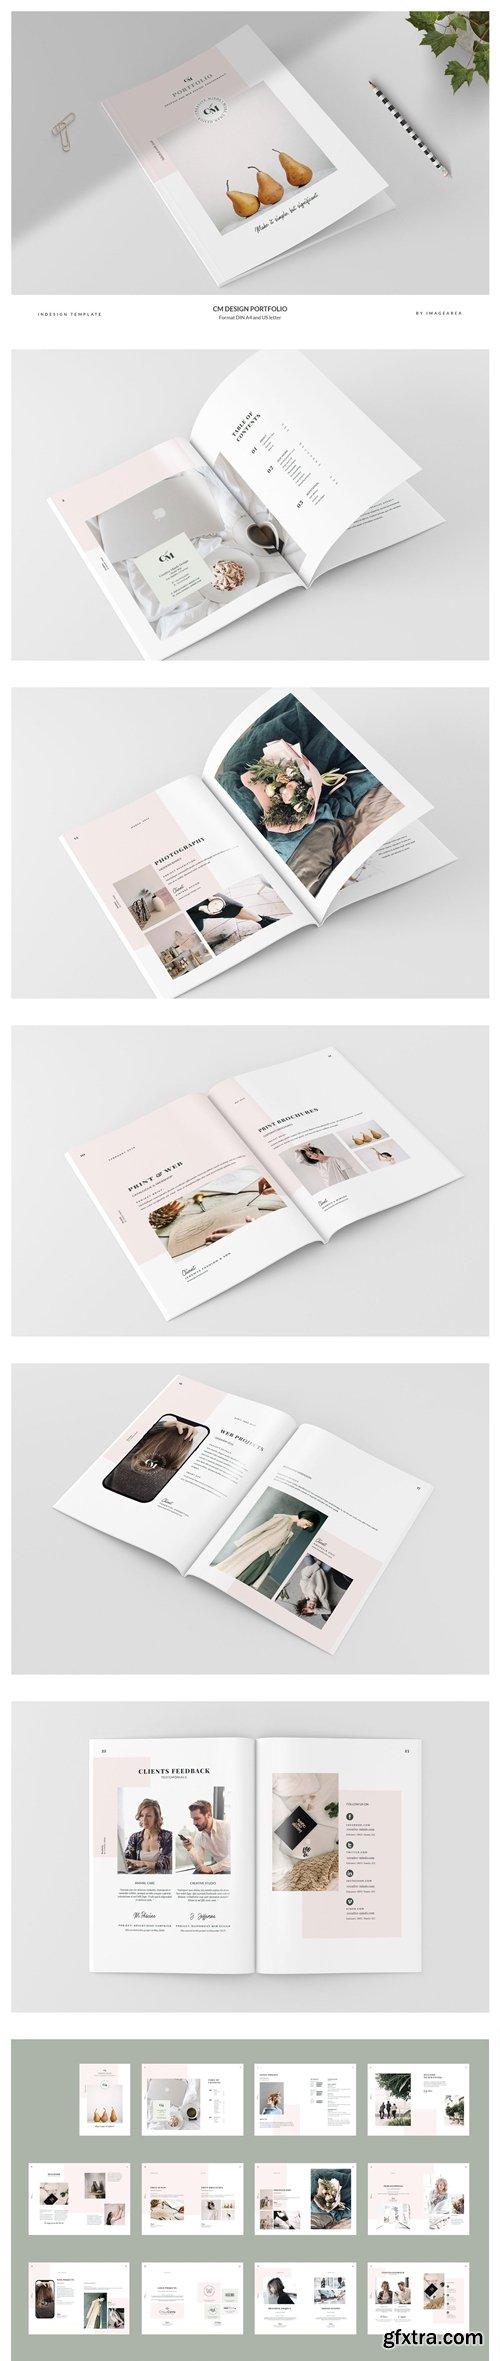 CreativeMarket - CM - Design Portfolio 3154013